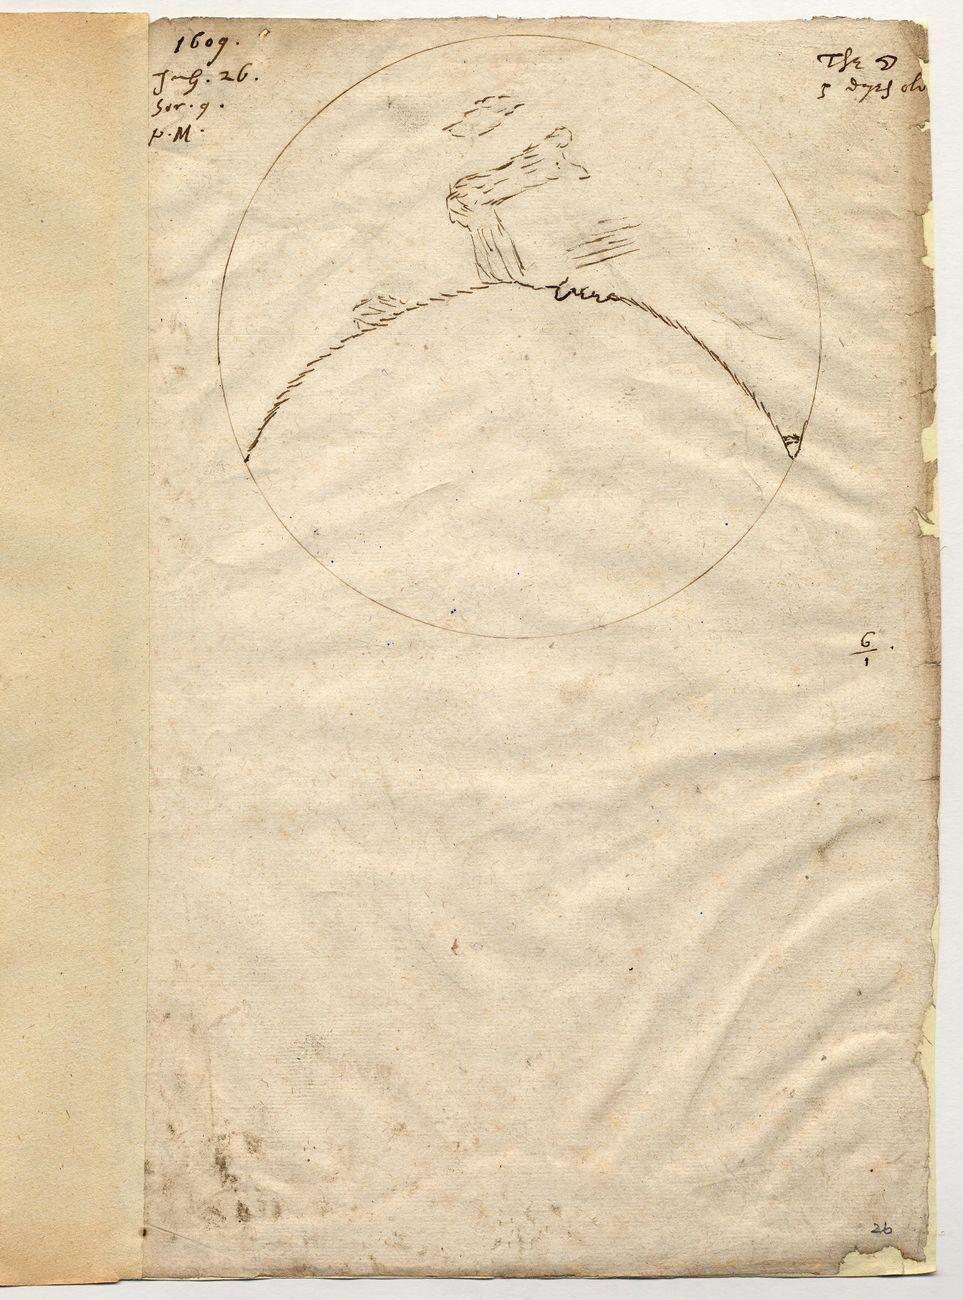 Thomas Harriot, La Lune observée à la lunette, 26 juillet 1609. Chichester, West Sussex Record Office © West Sussex Record Office